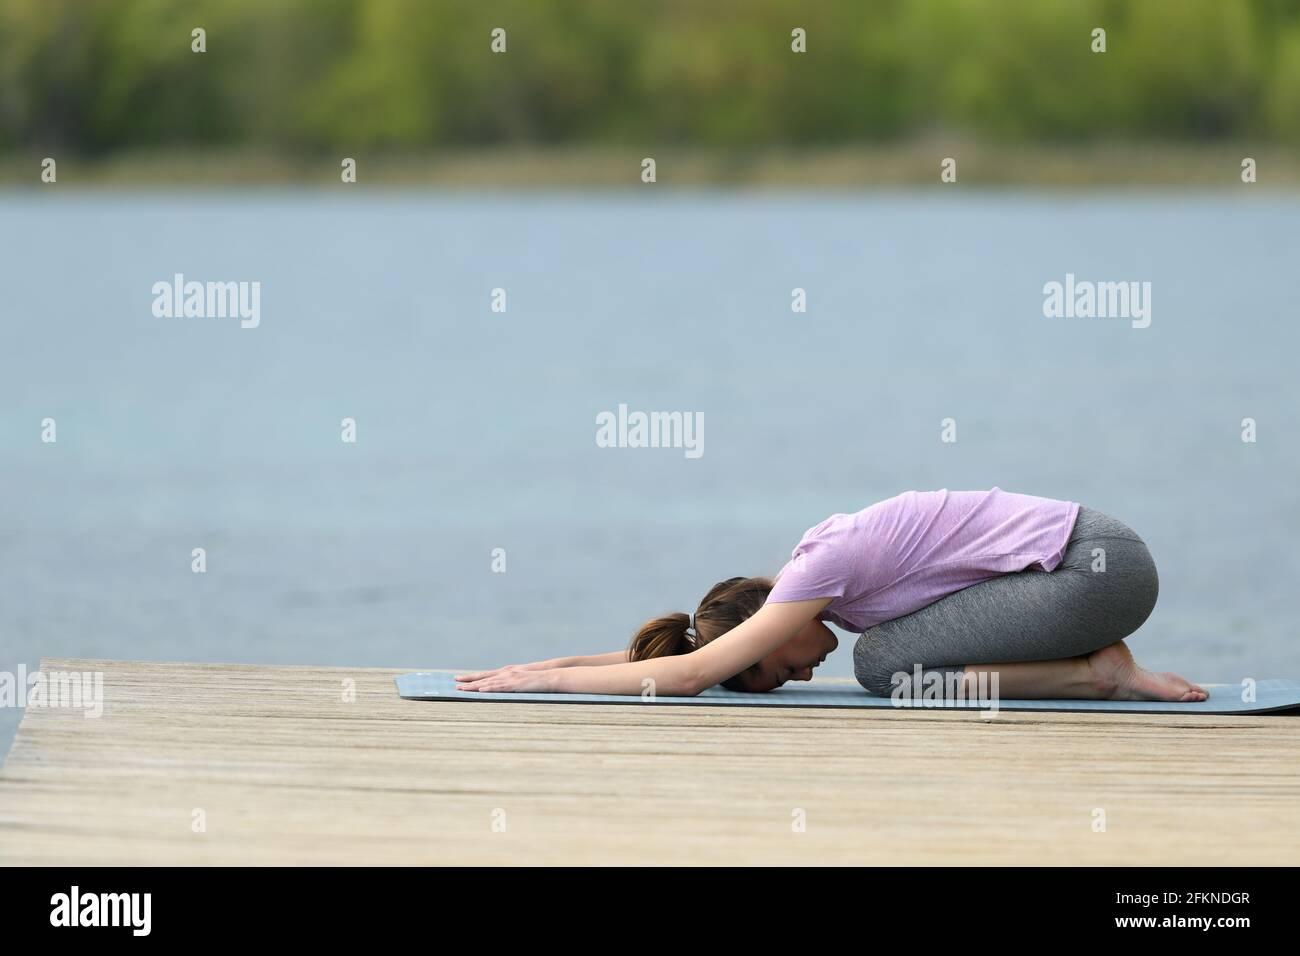 Profil d'un yogi faisant de l'exercice de yoga dans un lac jetée Banque D'Images